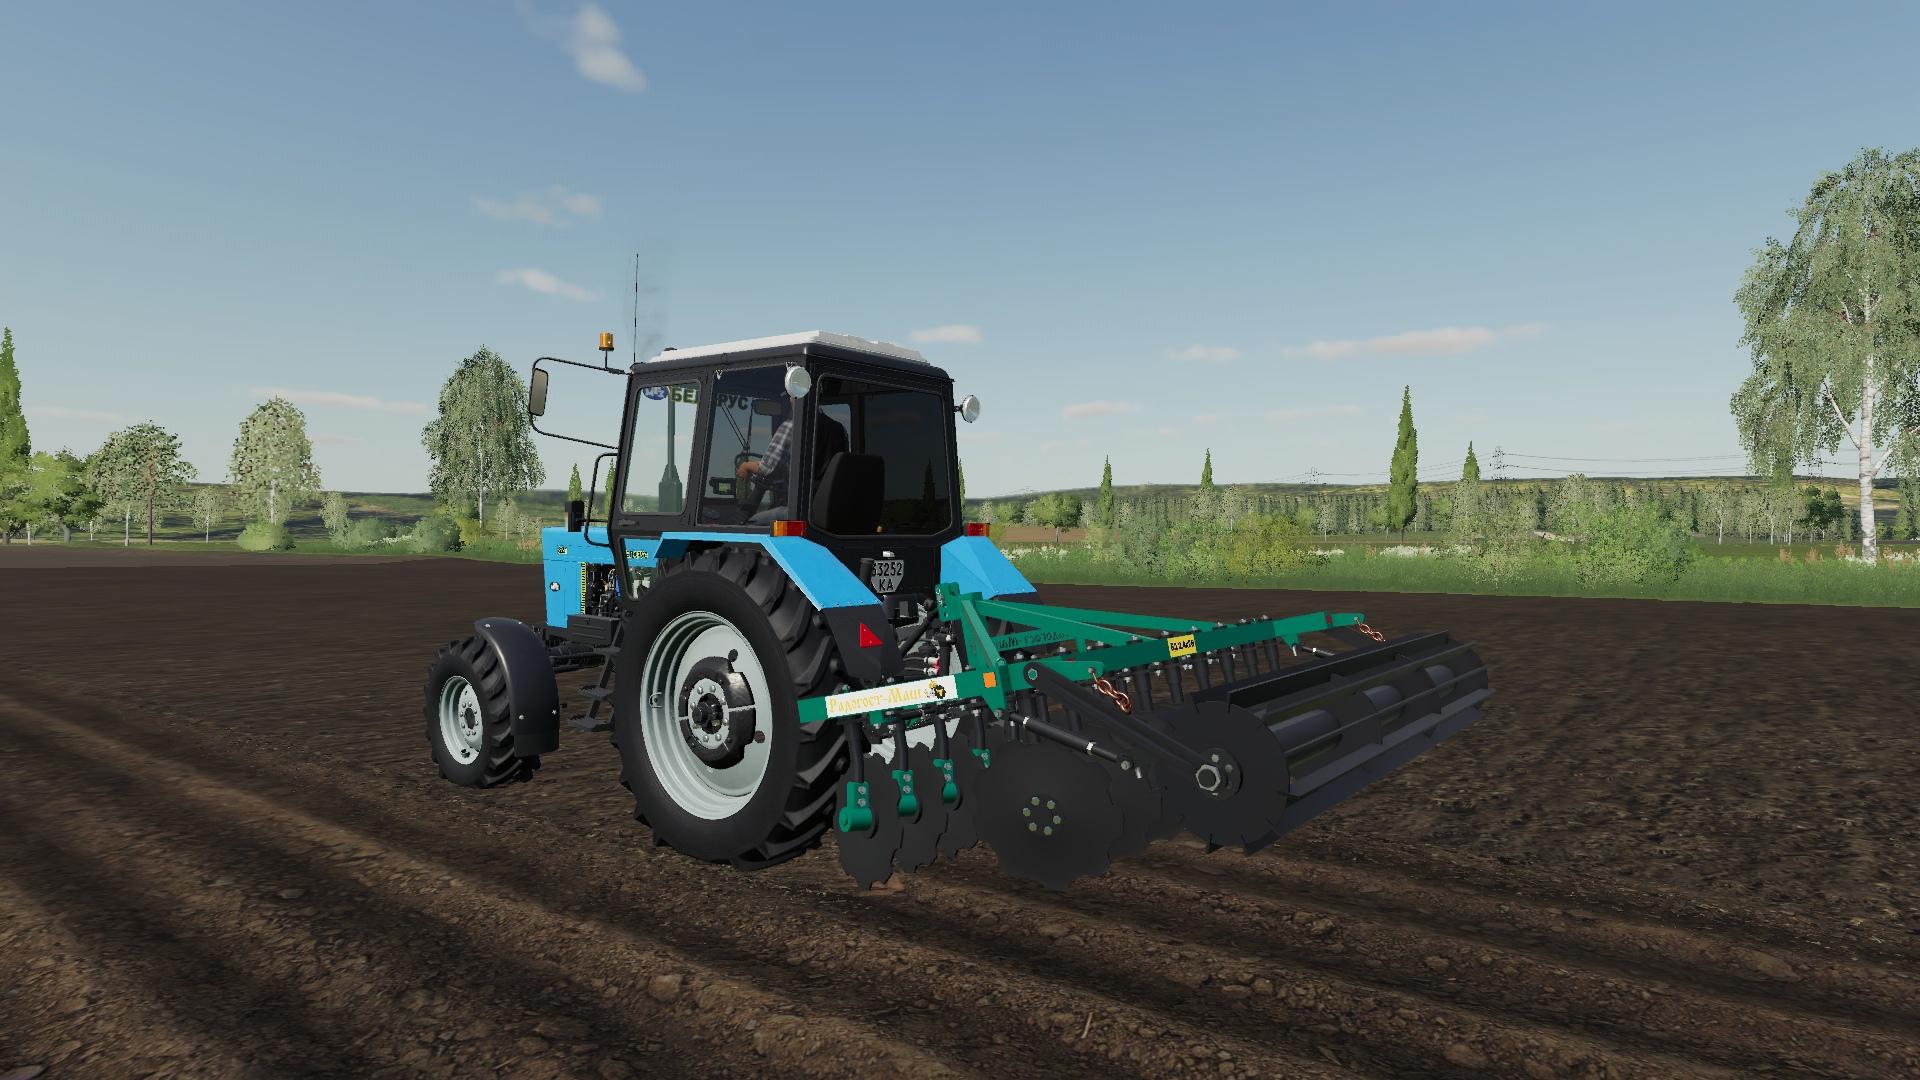 Мод на дисковую борону БД 2.4х2Н для Farming Simulator 2019